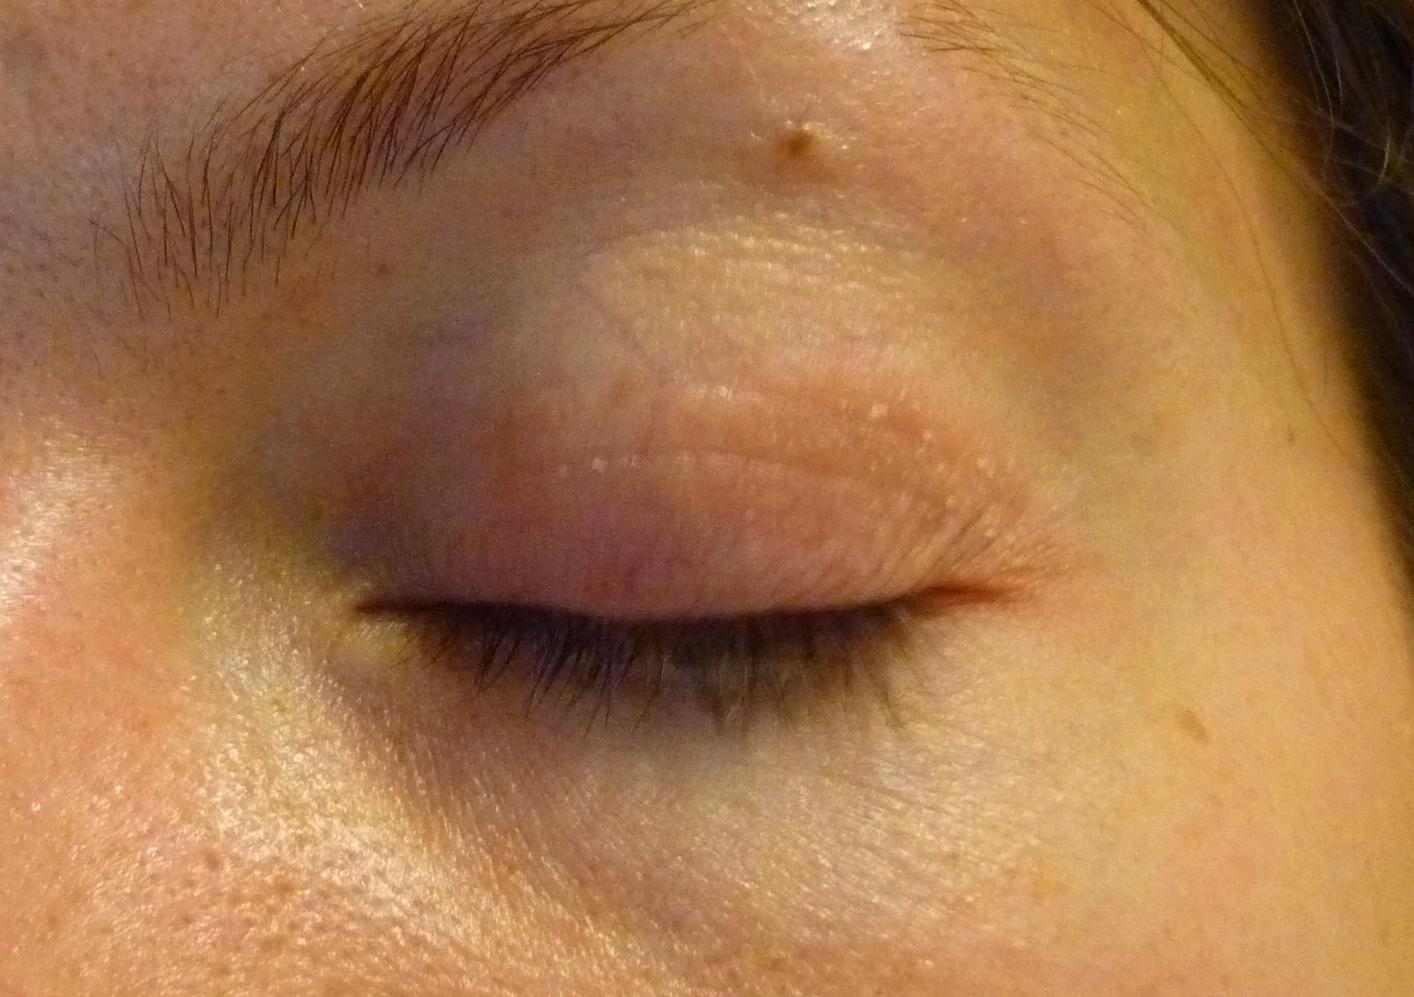 stelara pikkelysömör gyógyszer az arcon pikkelysömör hogyan kell kezelni